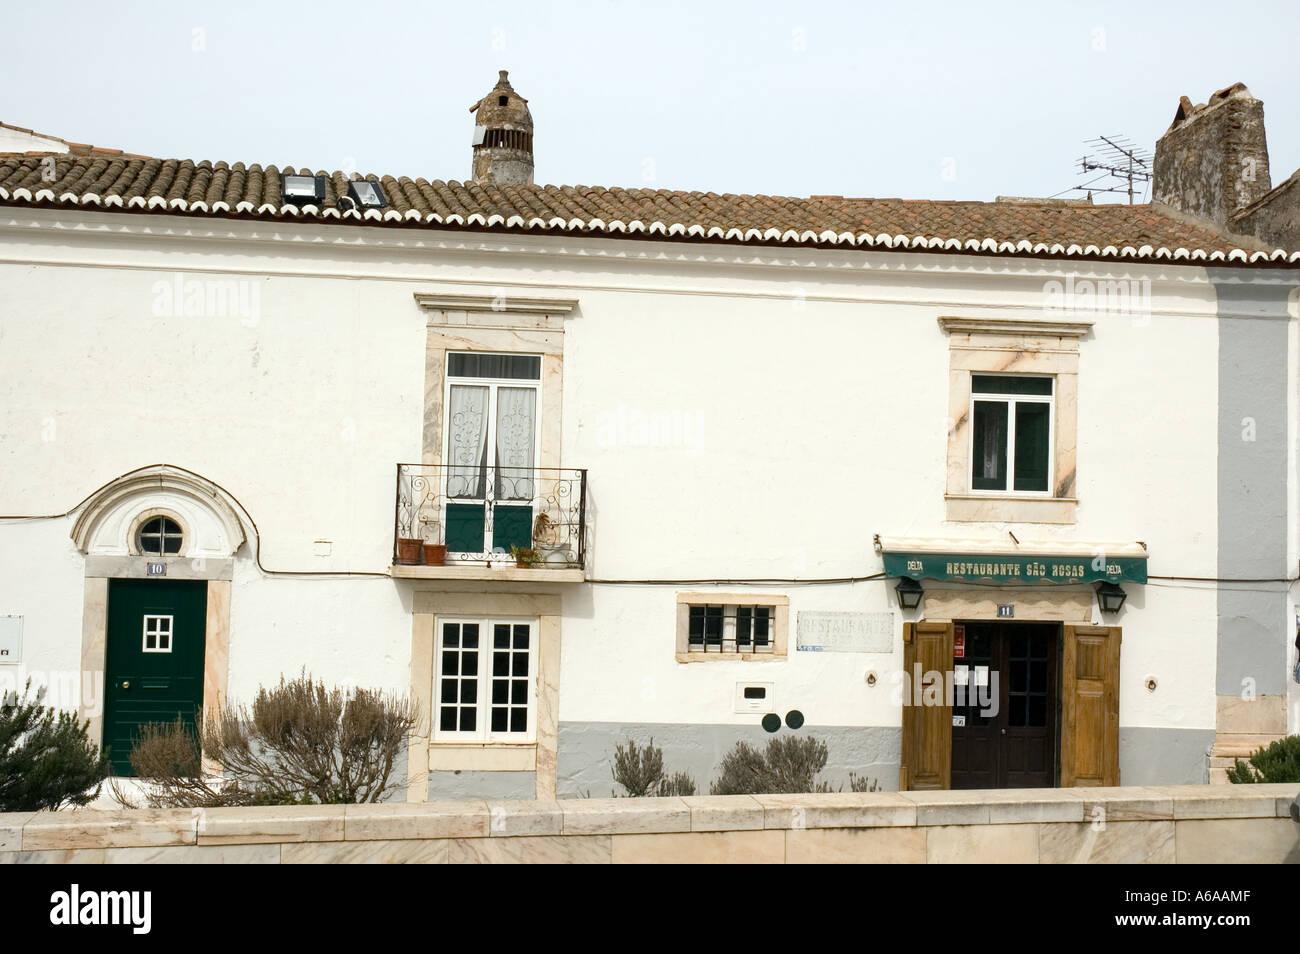 Portugal Restaurante Europe Stock Photos & Portugal Restaurante ...